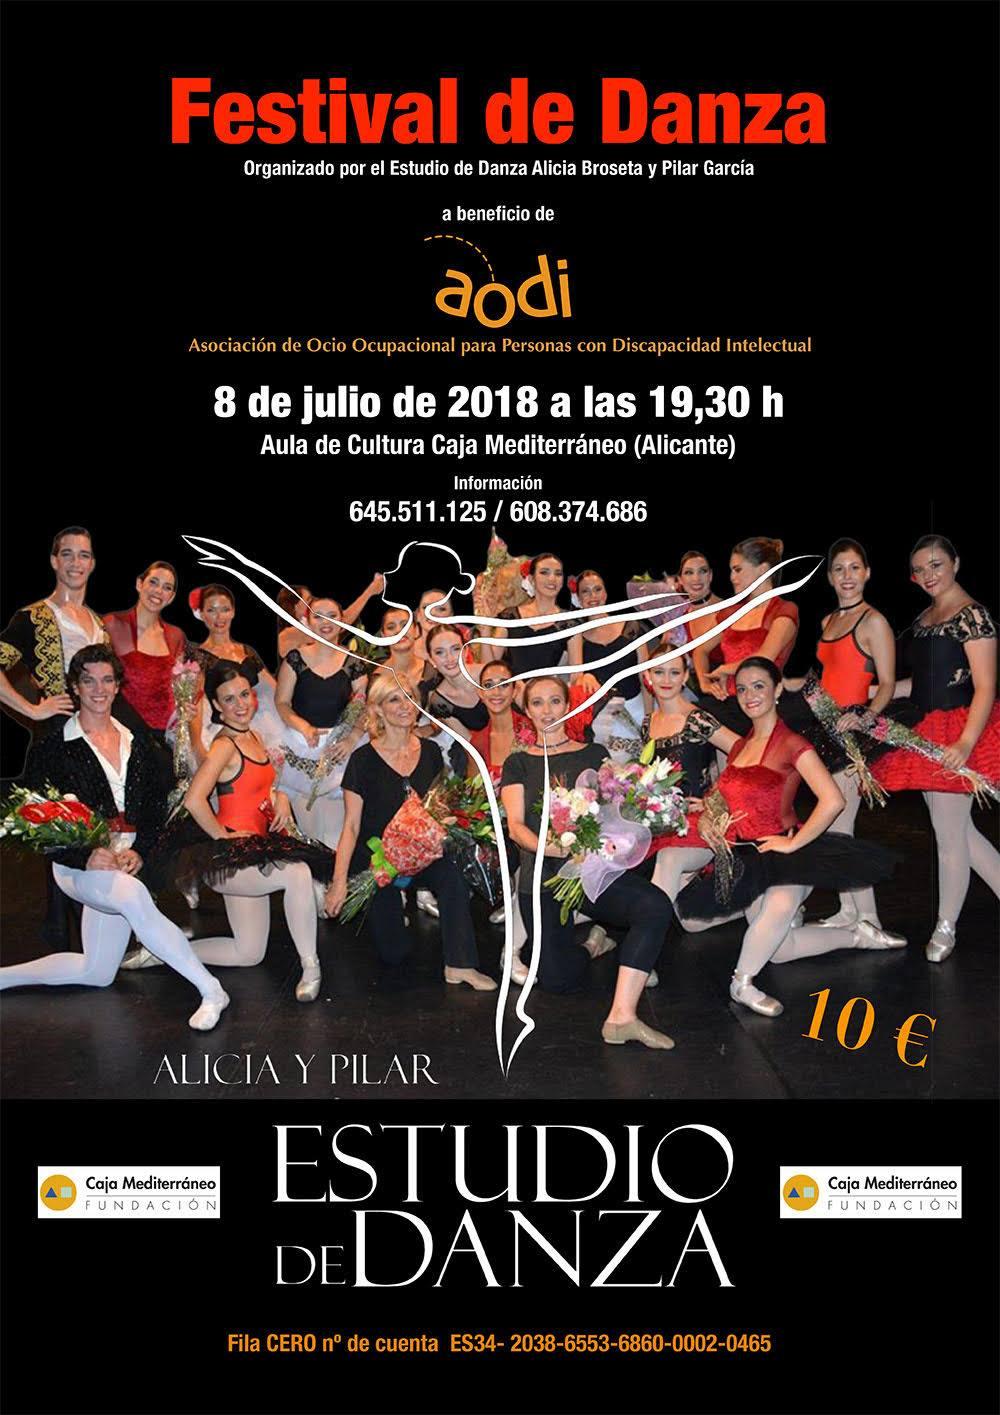 Gala AODI Estudio de Danza Alicia y Pilar